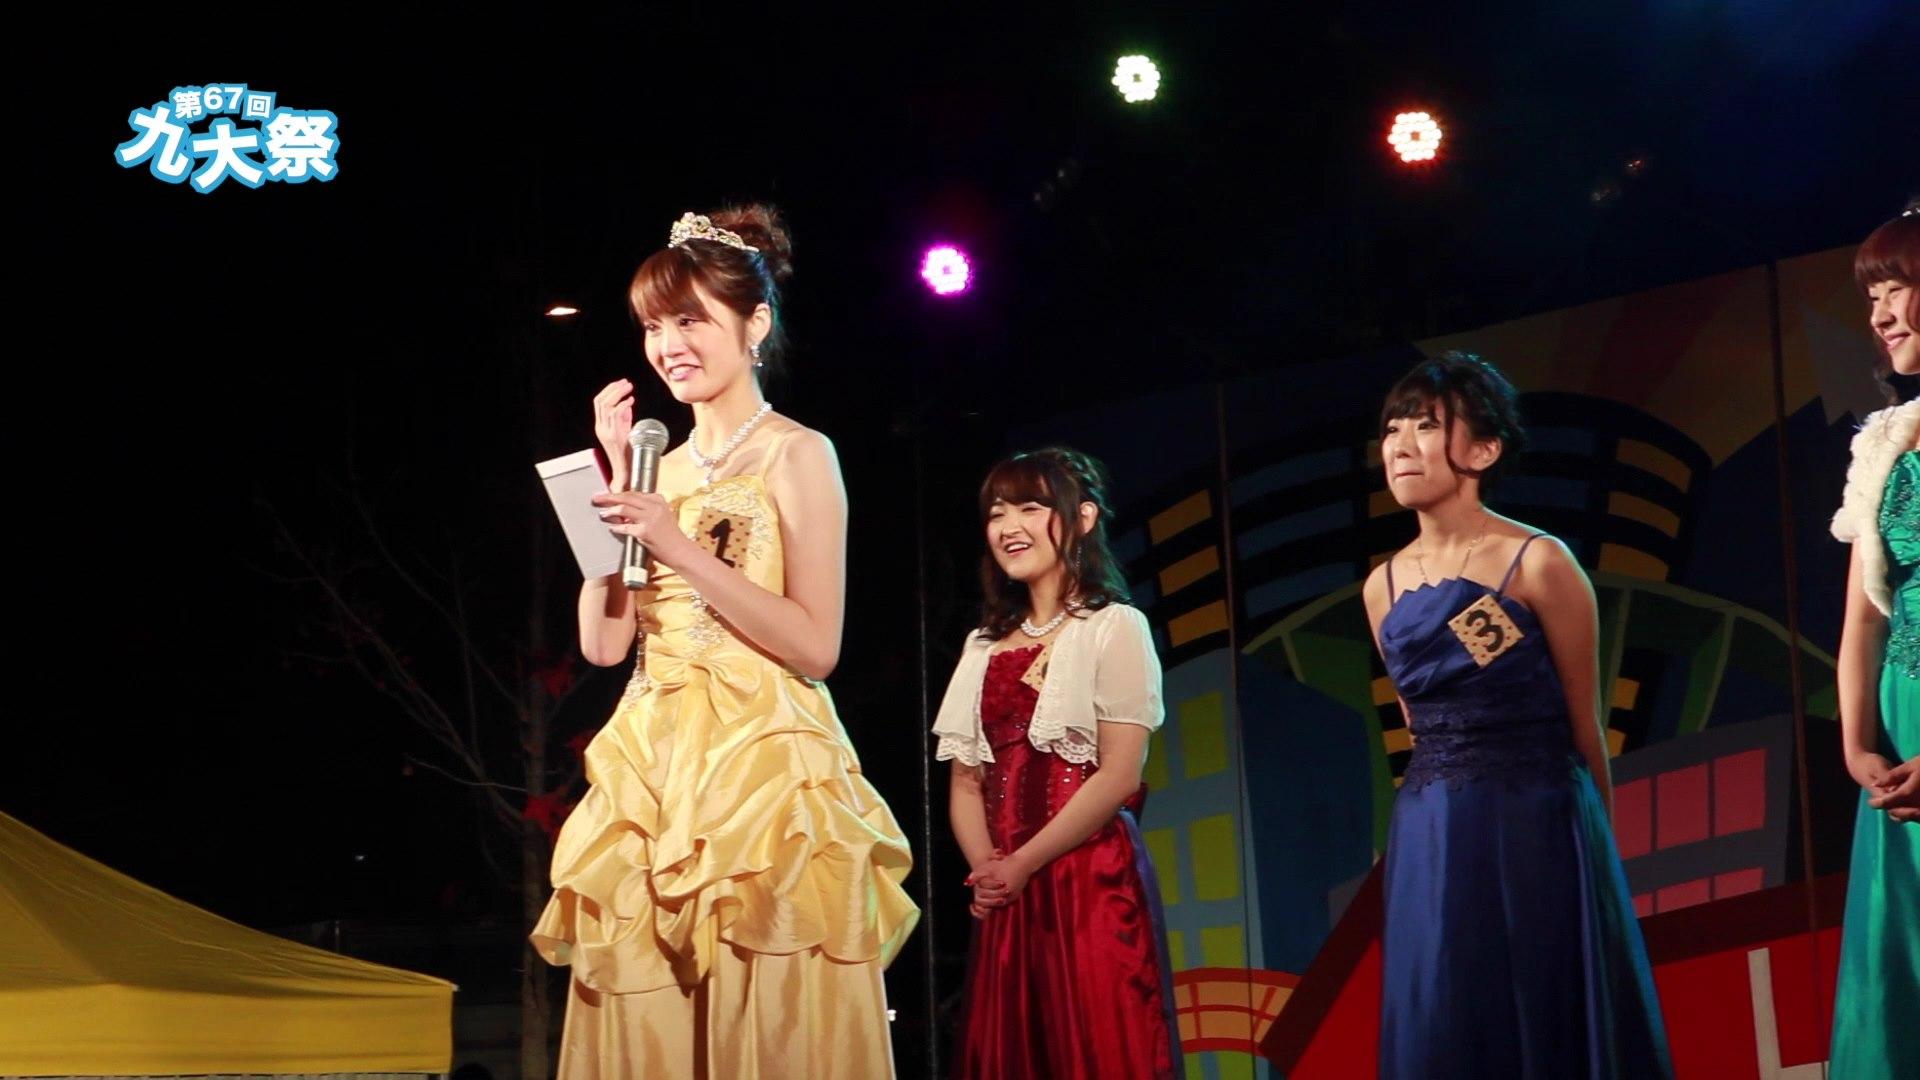 第67回 九州大学学祭.mov_000617706